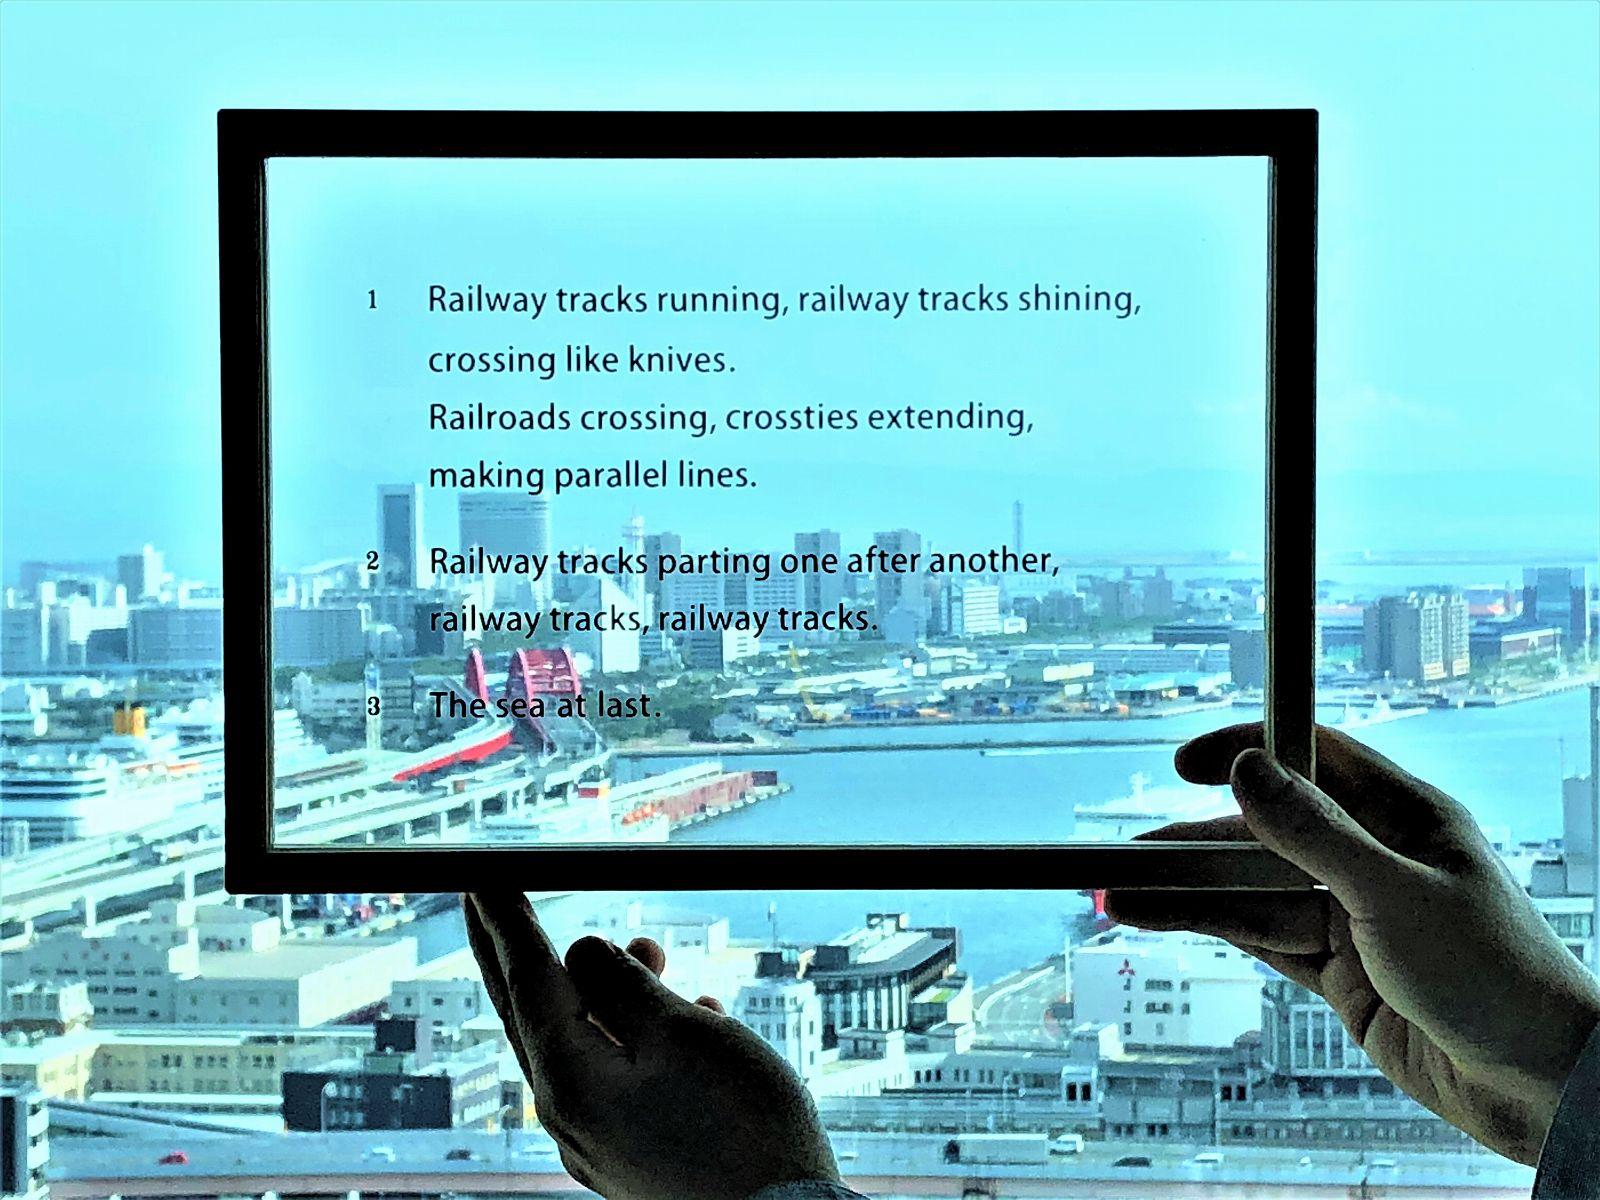 インスタ映え!神戸市役所の展望ロビーで「詩片」と神戸の街並みを重ねてみた! #古巻和芳 #神戸市 #港都KOBE芸術祭